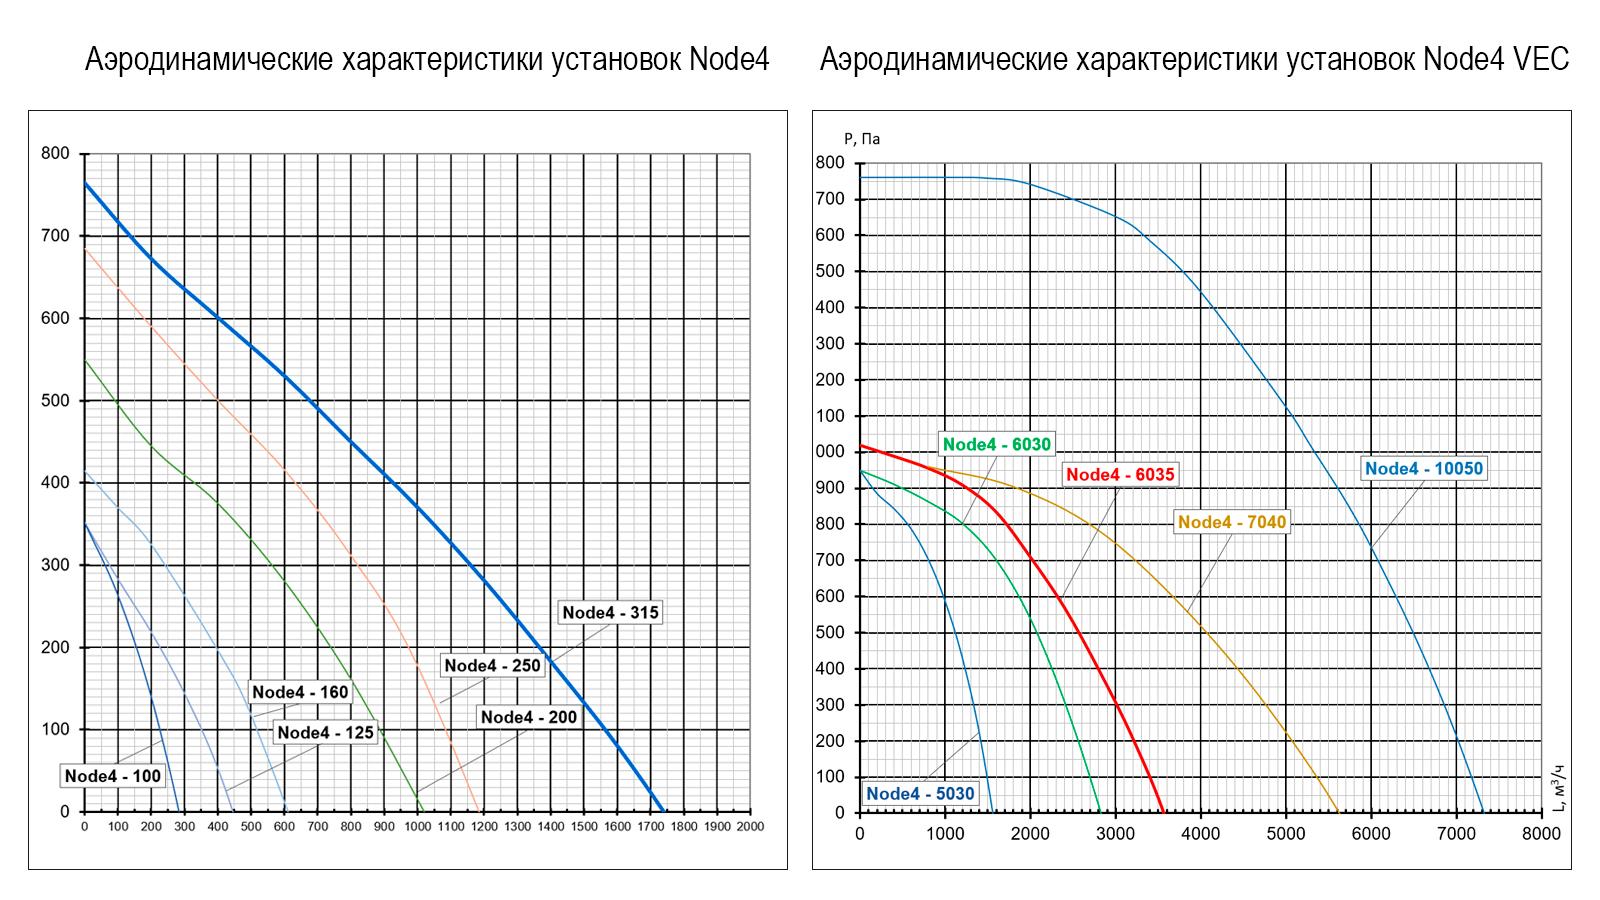 Аэродинамические характеристики Приточная установка Node4